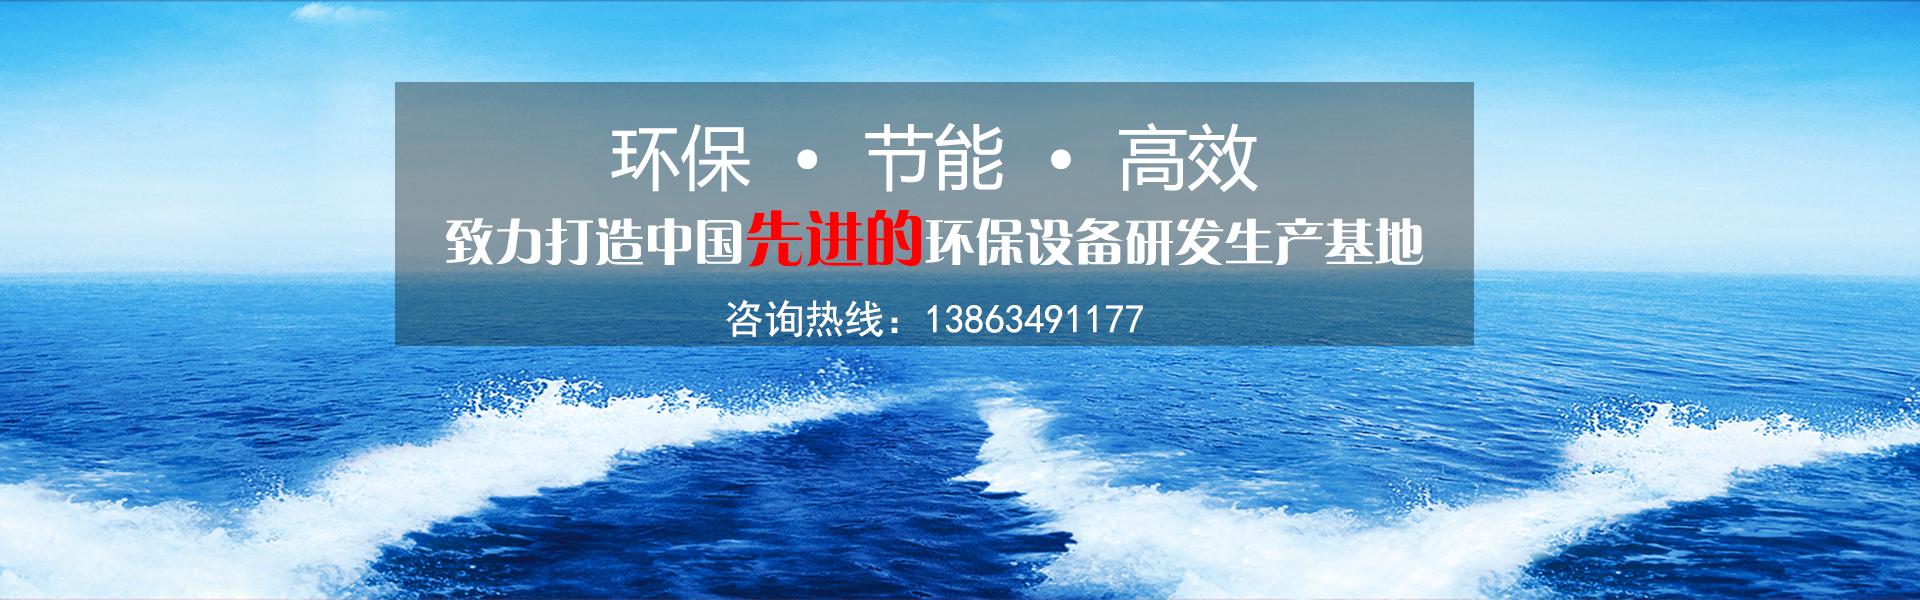 www.403.net